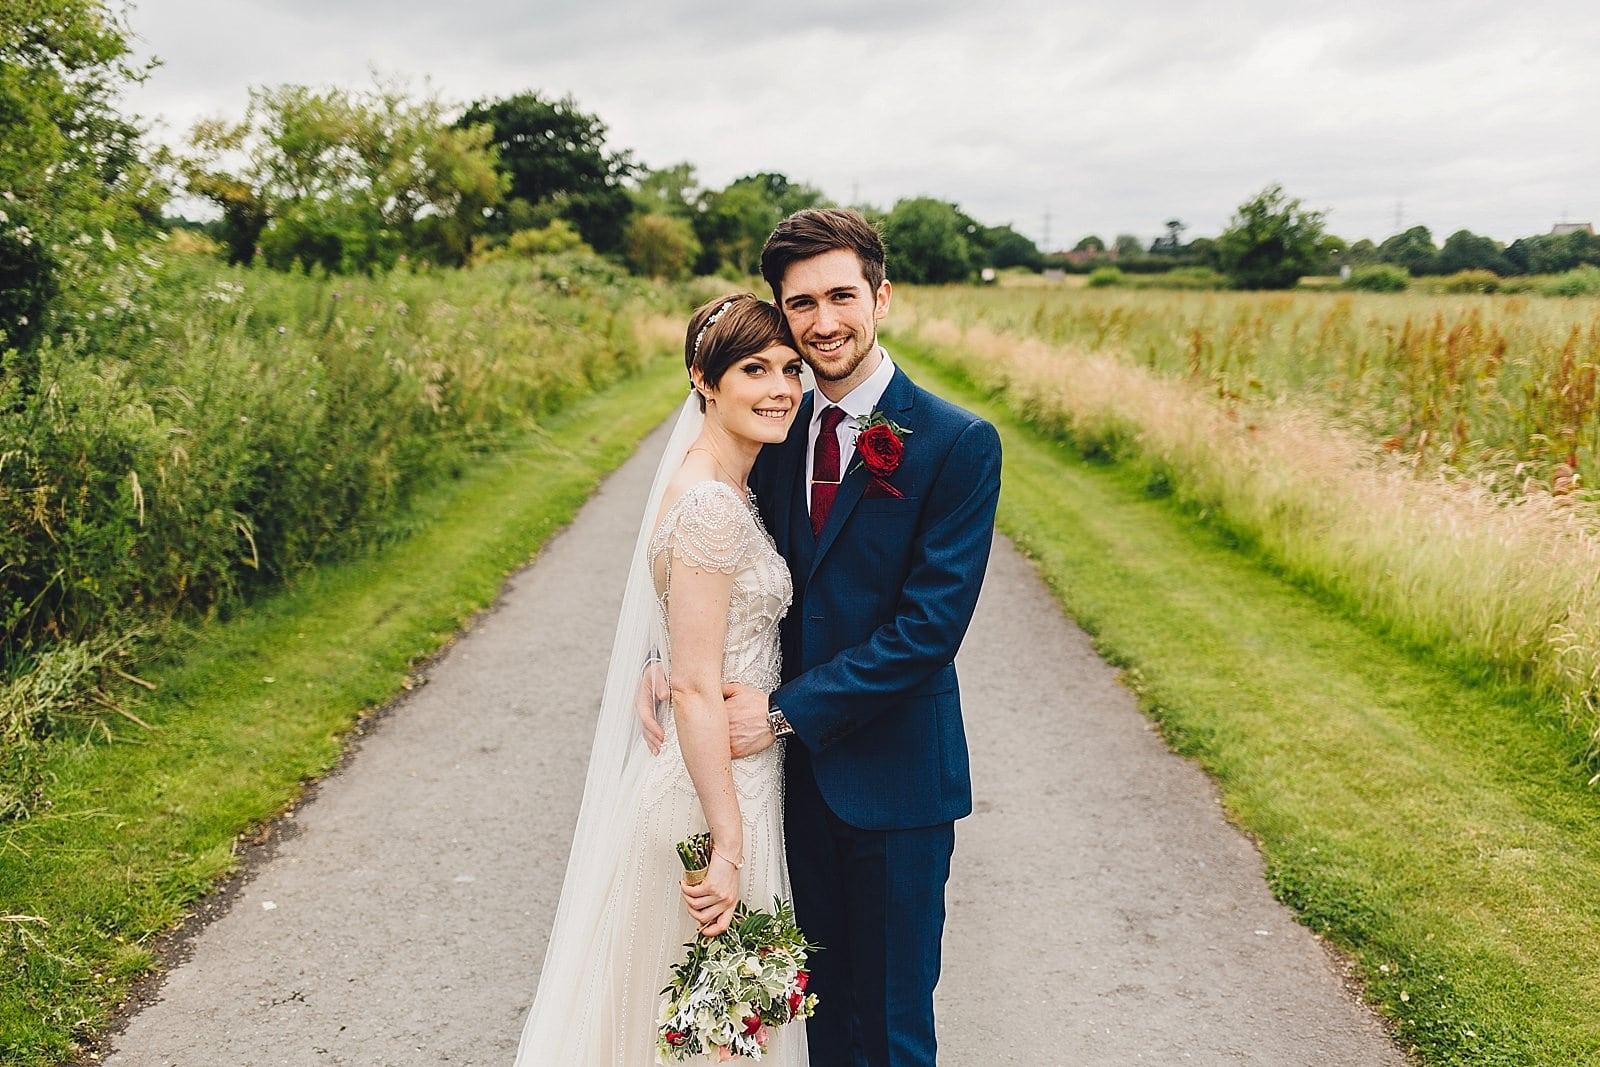 shustoke-barn-wedding-photography_0045